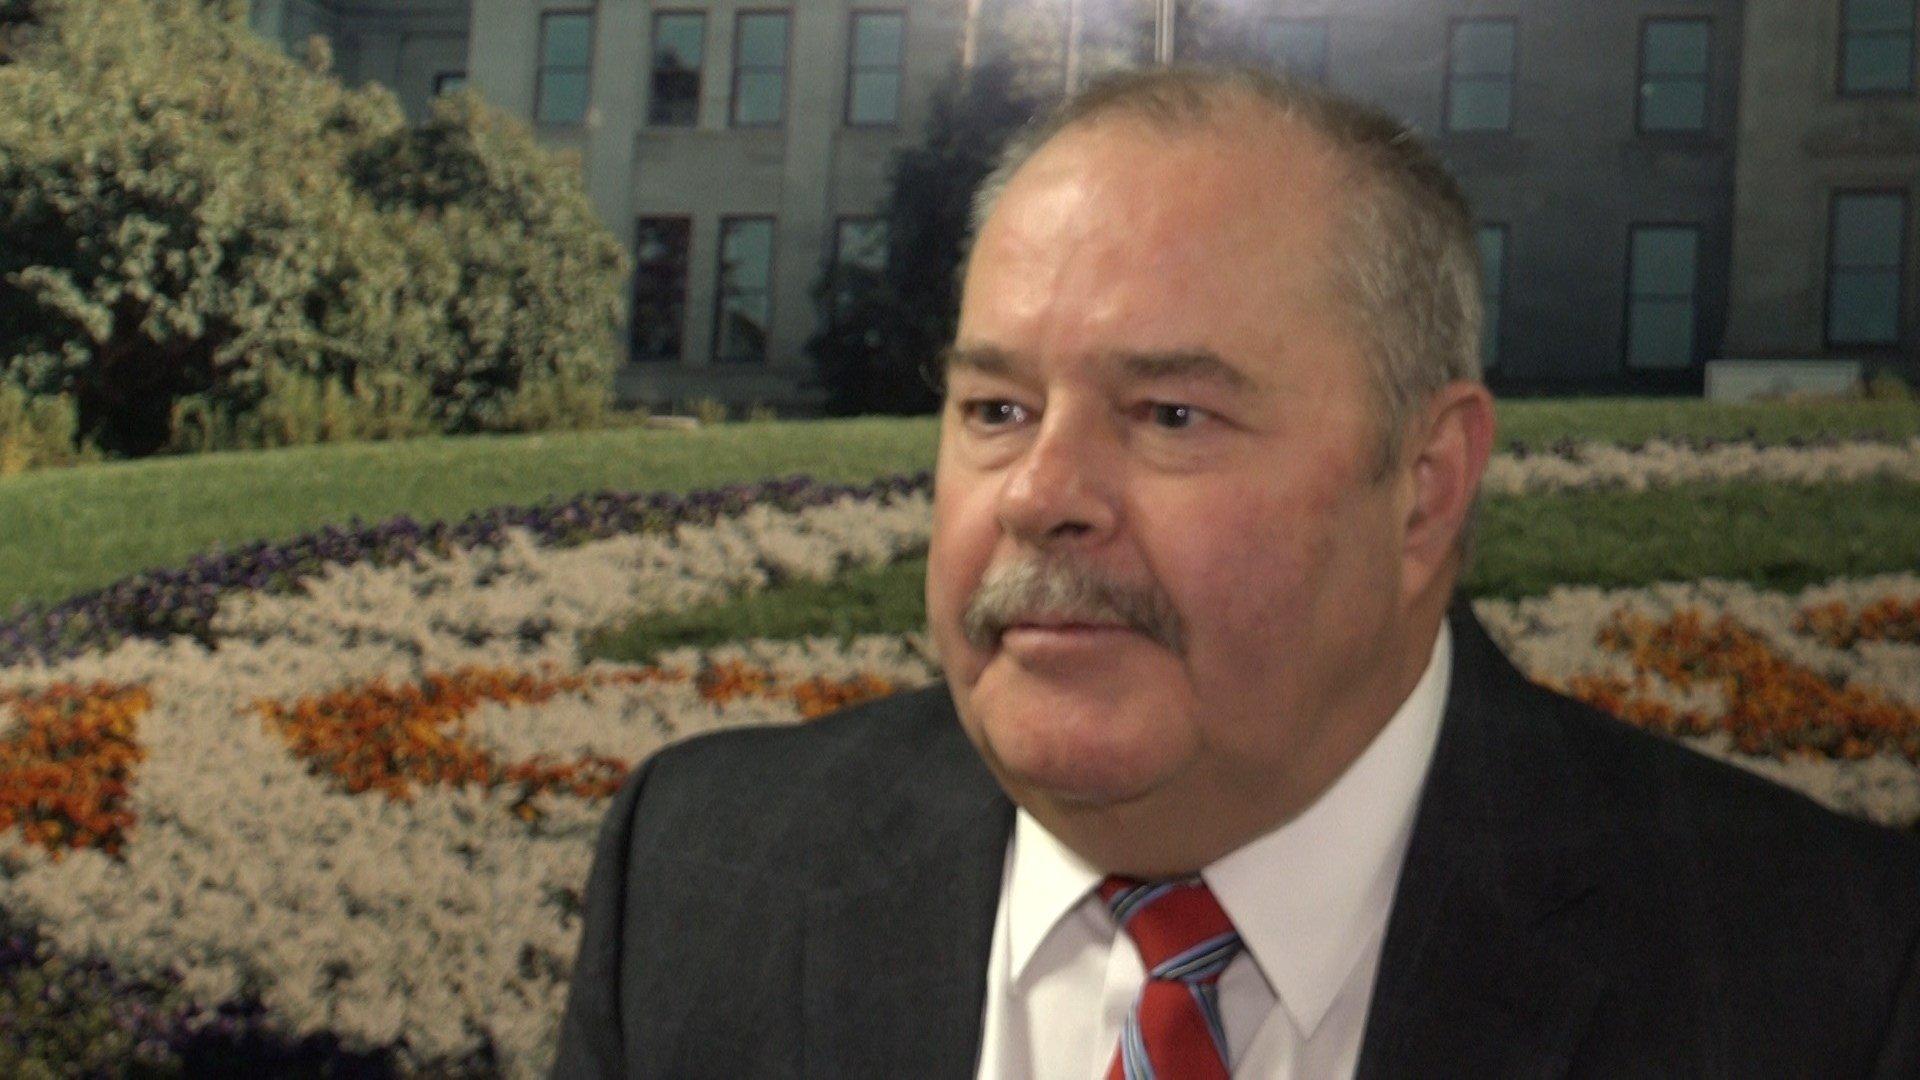 Bob Olsen, VP of Montana Hospital Assoc.